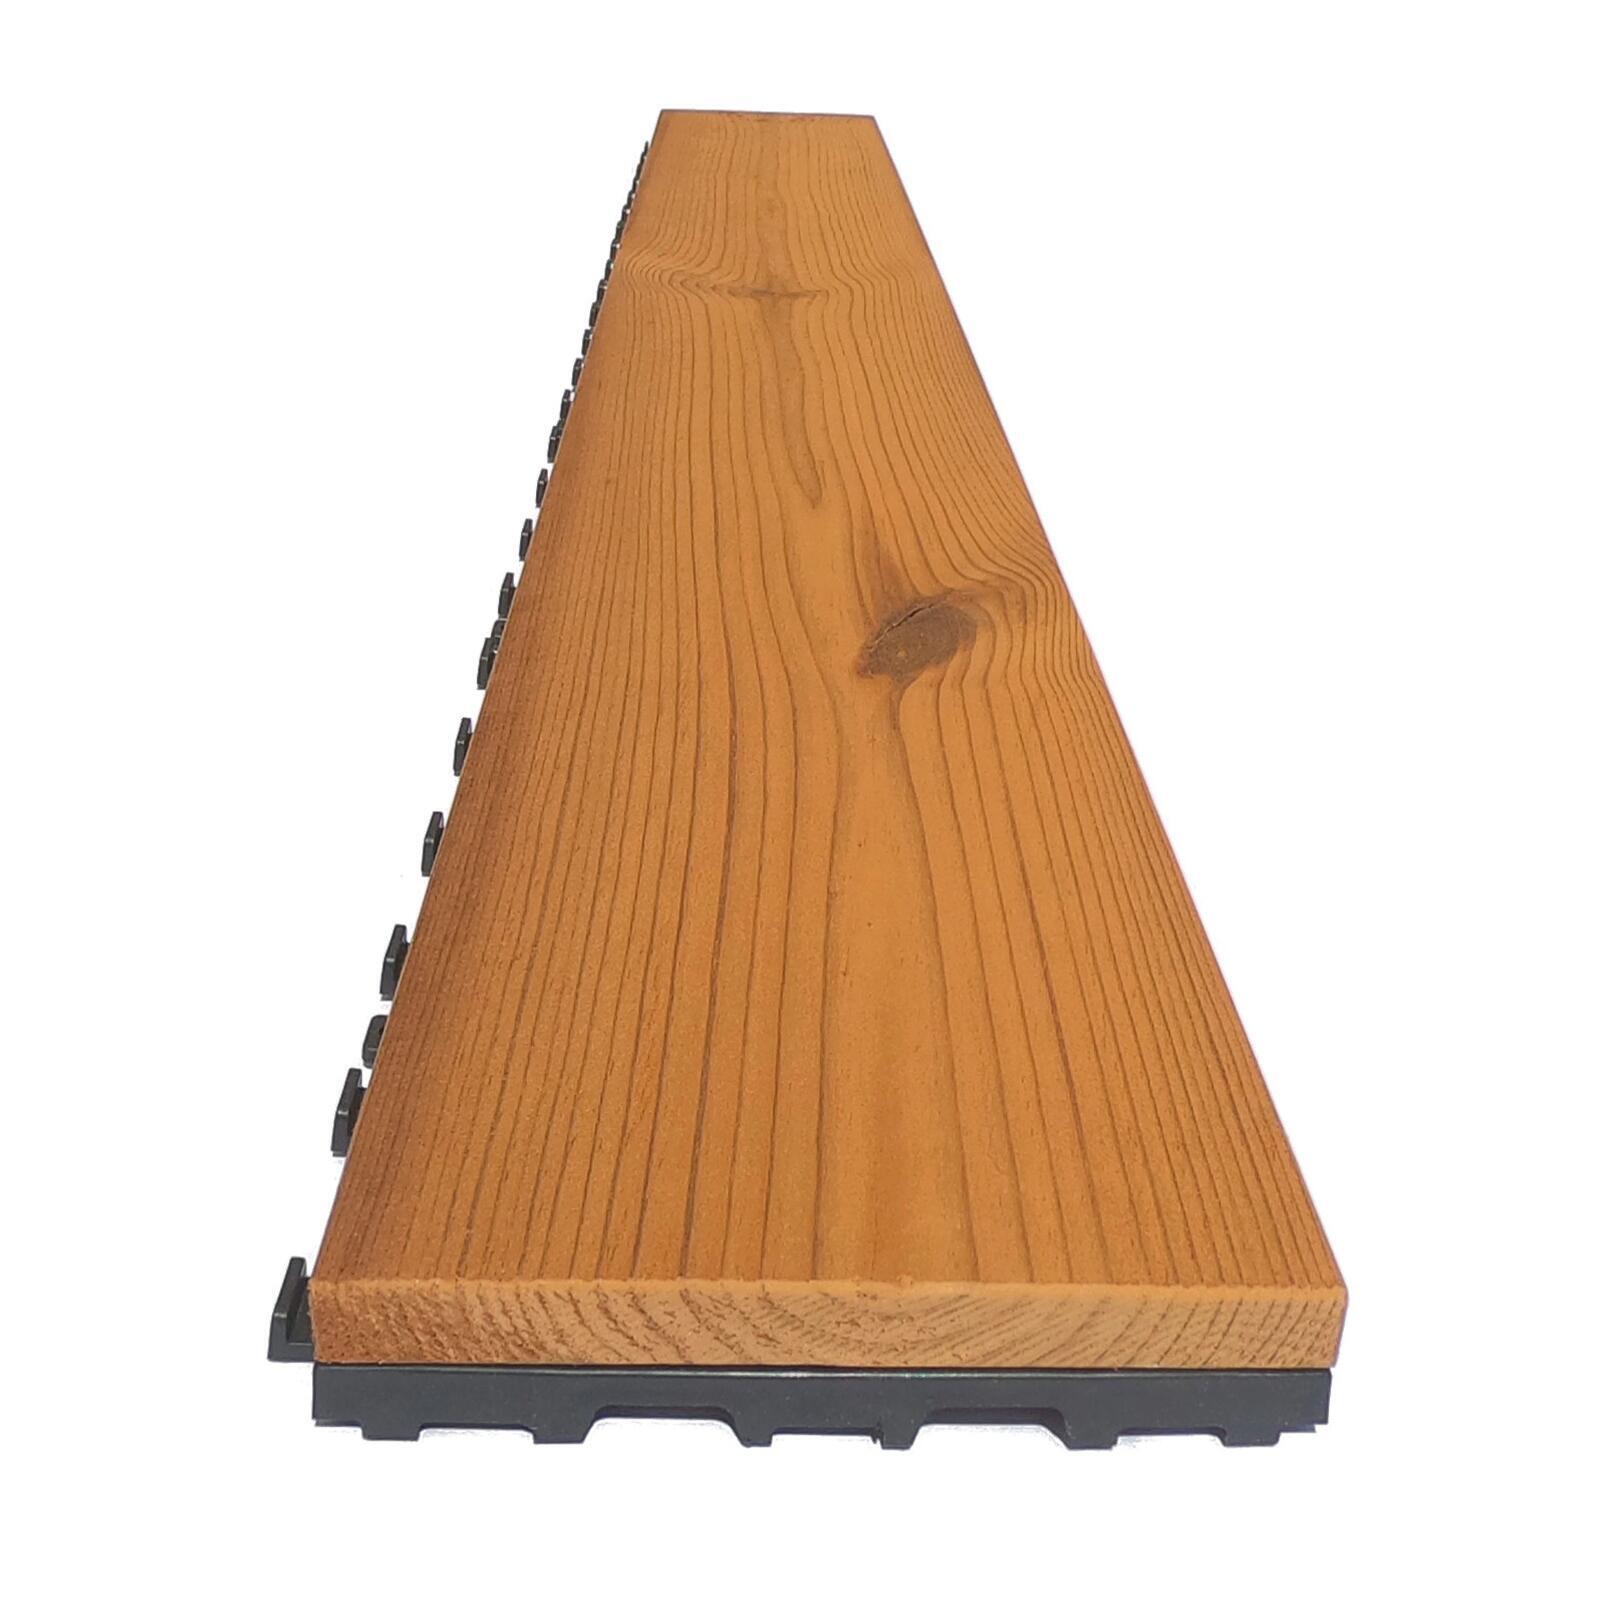 Listone da incastro in legno L 120 x H 15 cm, Sp 20.5 mm marrone - 20